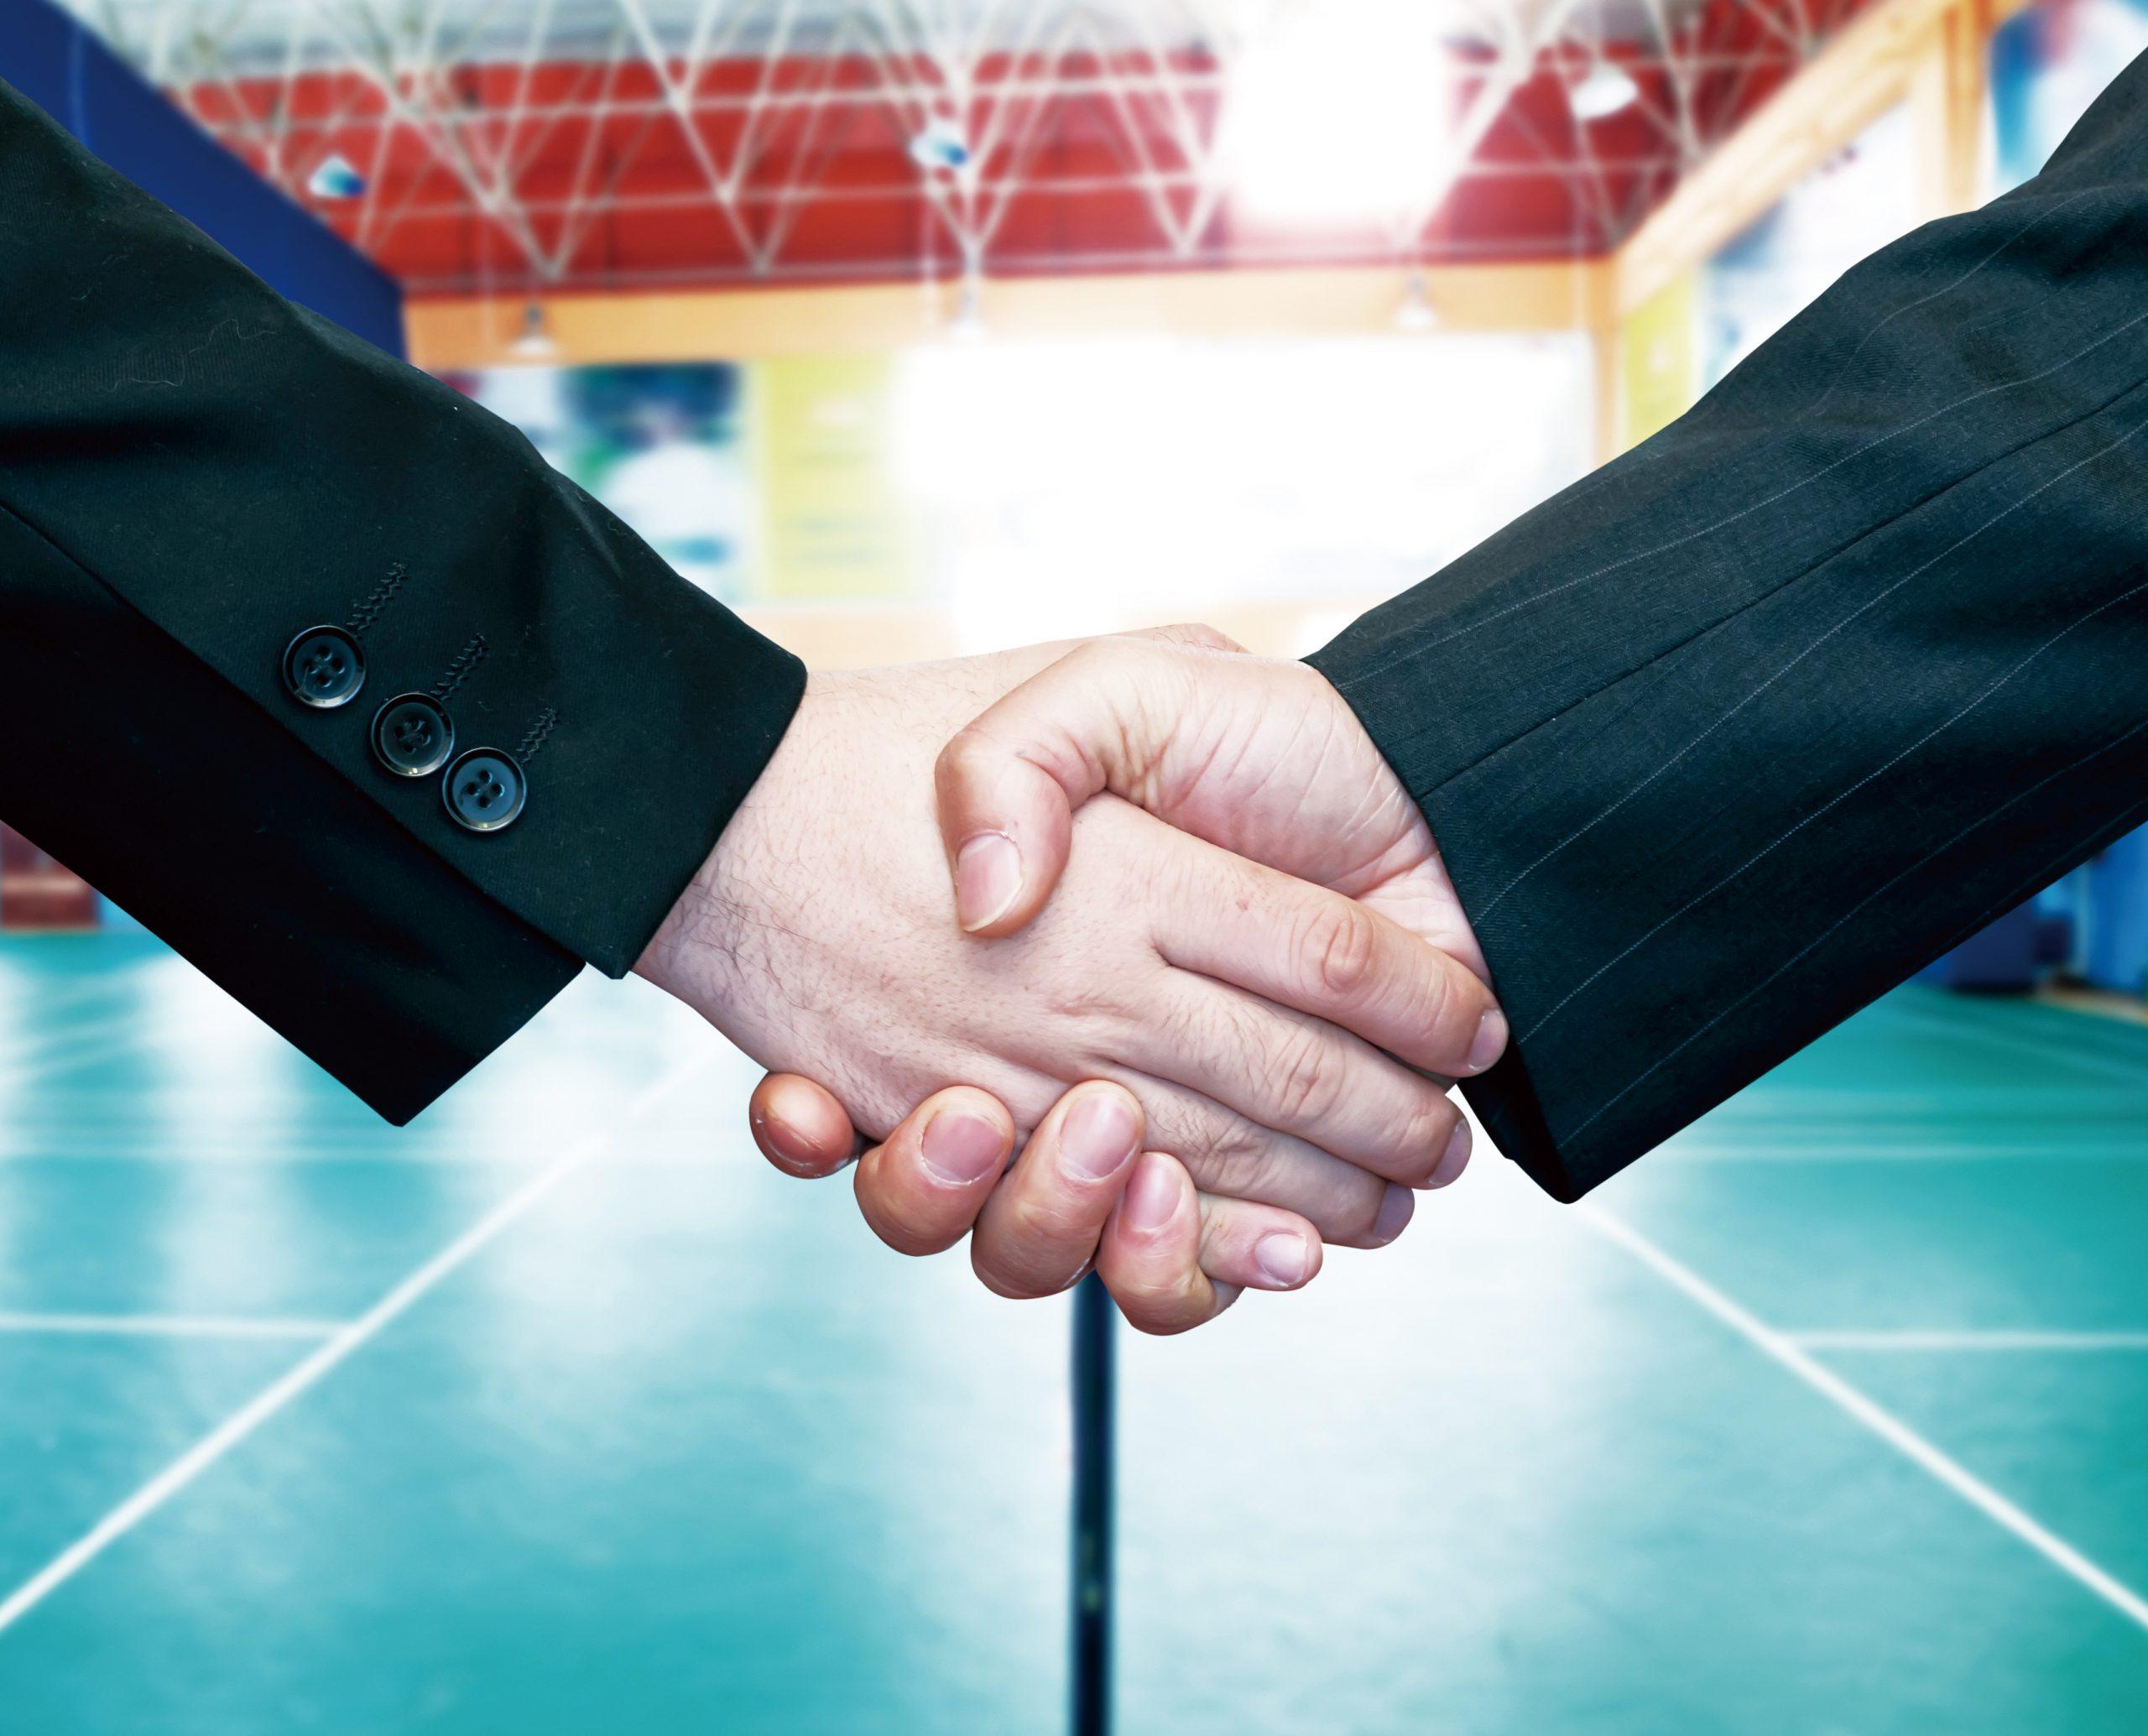 Handschlag in der Turnhalle